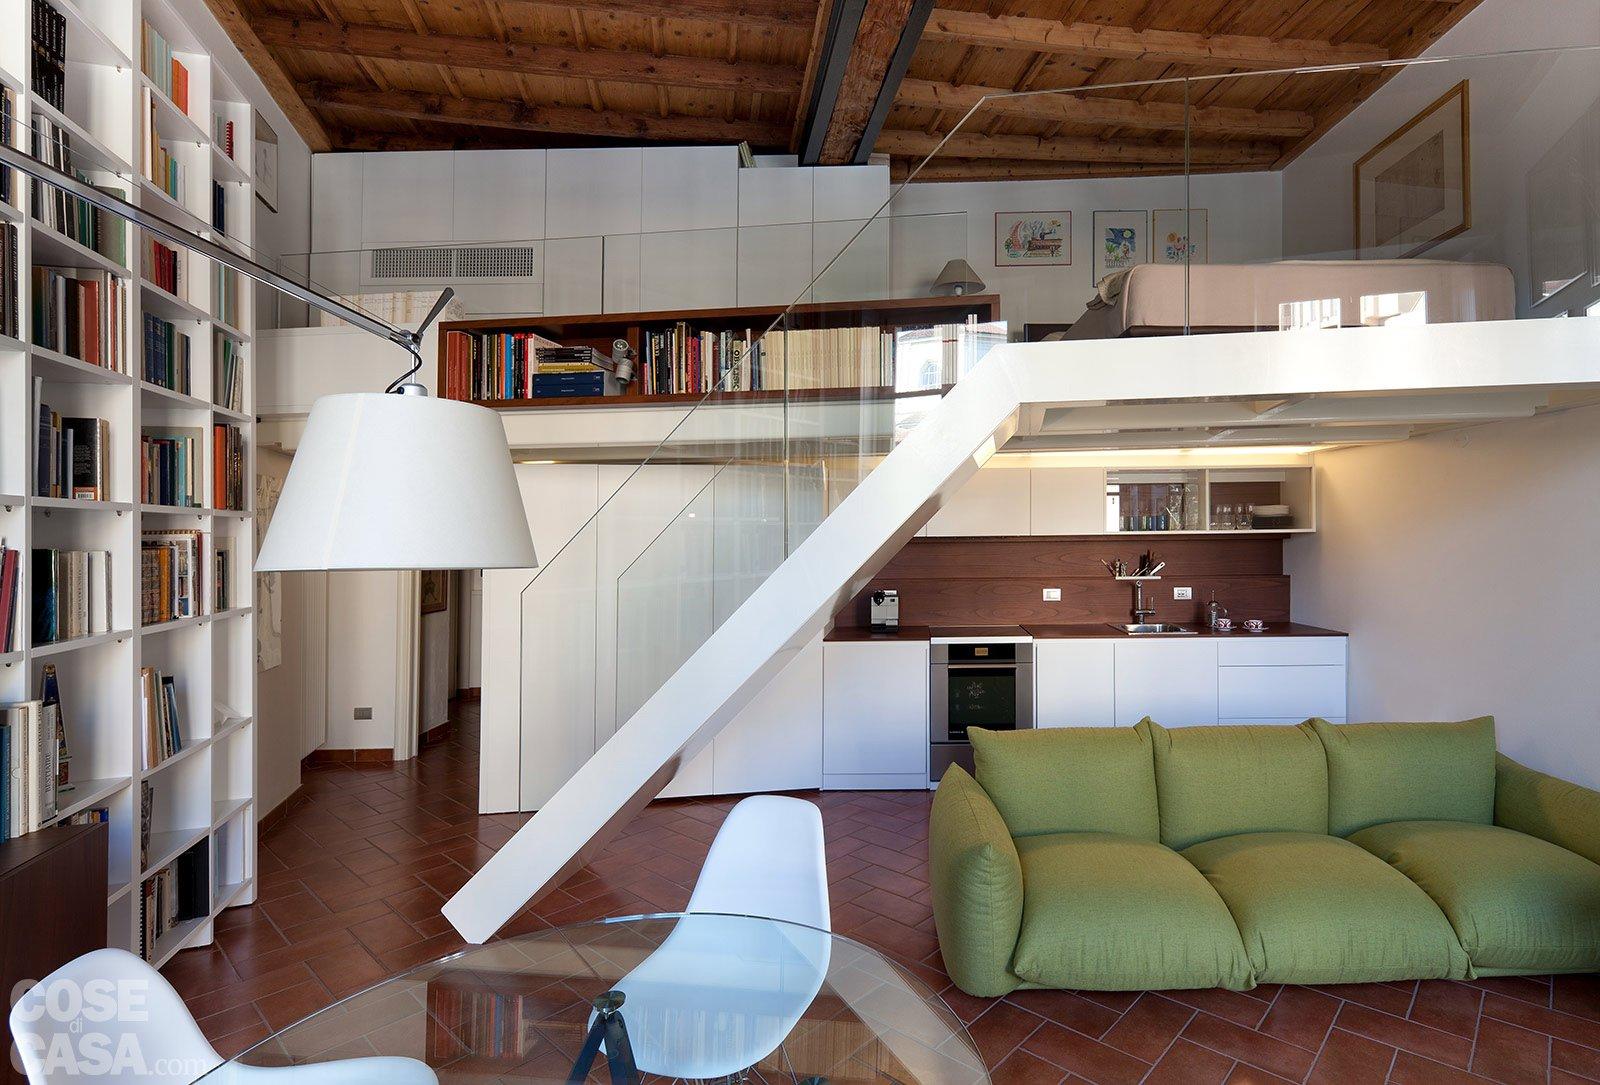 Un monolocale ampliato in altezza cose di casa - Arredare monolocale ikea ...